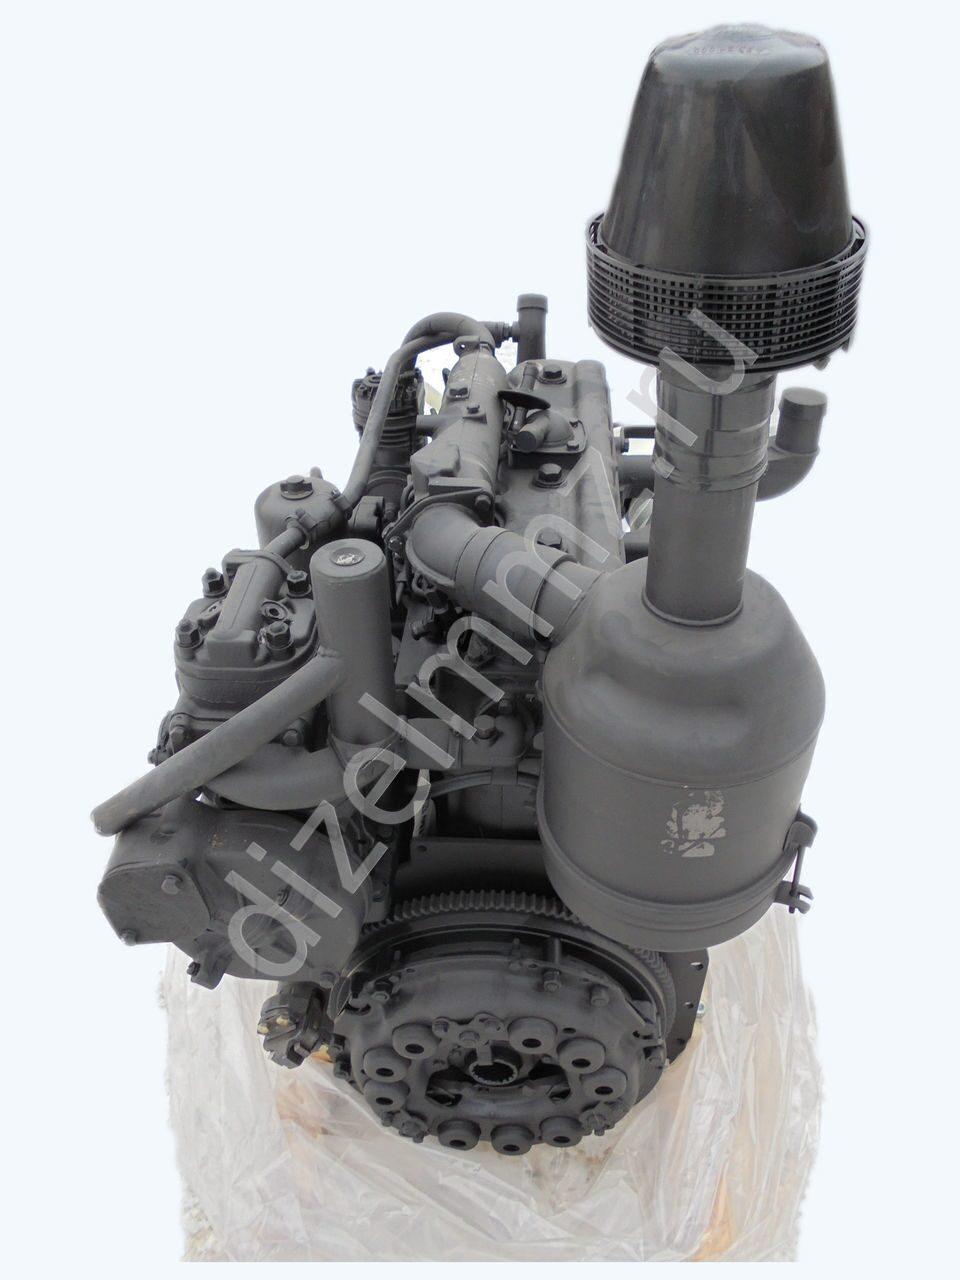 Руководство По Ремонту Двигателя Д 245 Скачать